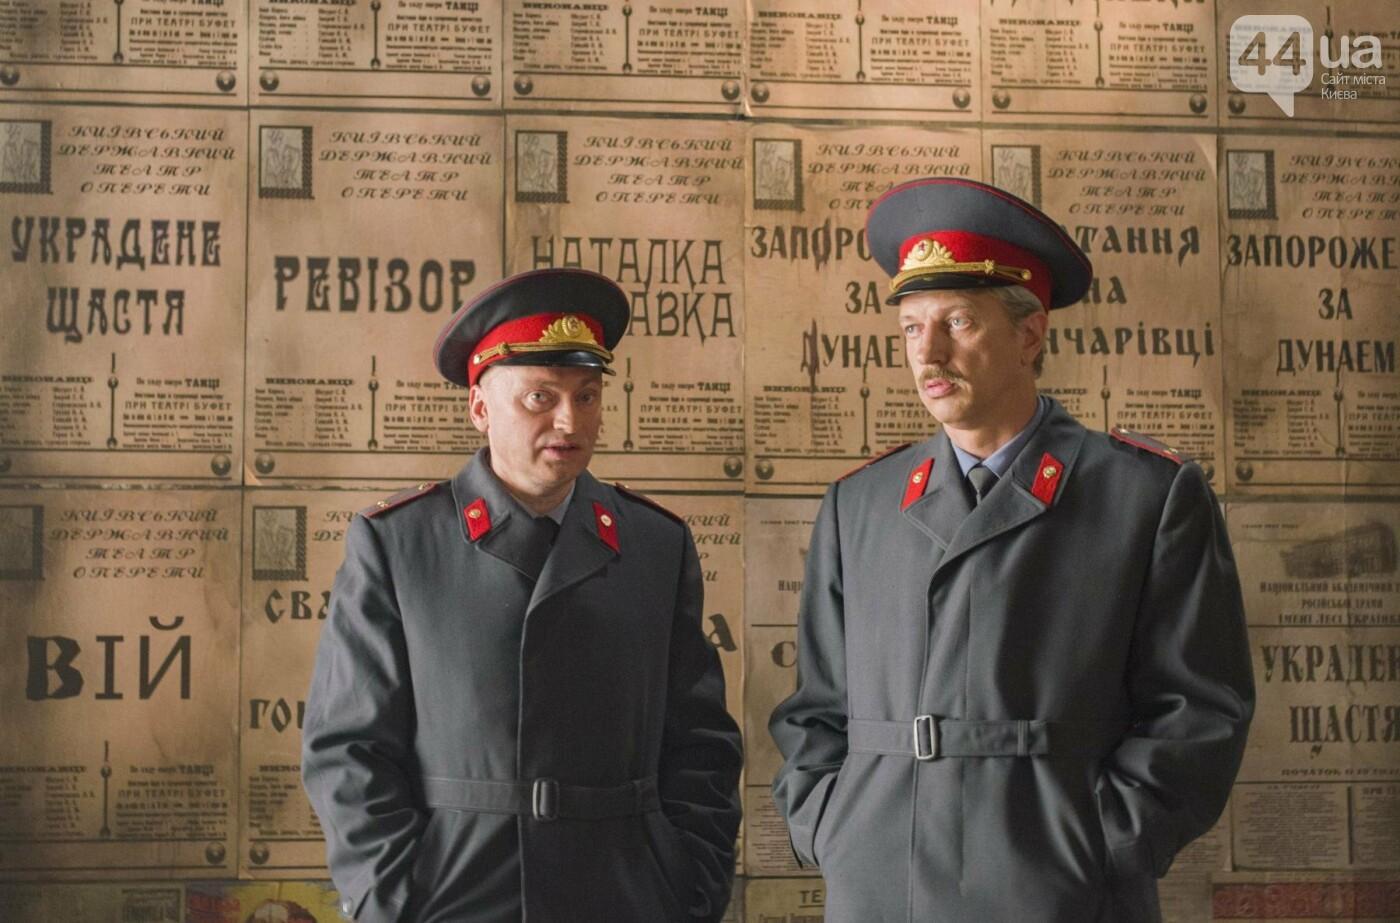 В Киеве снимают фильм об известном украинце: эксклюзивные закулисные фото, фото-16